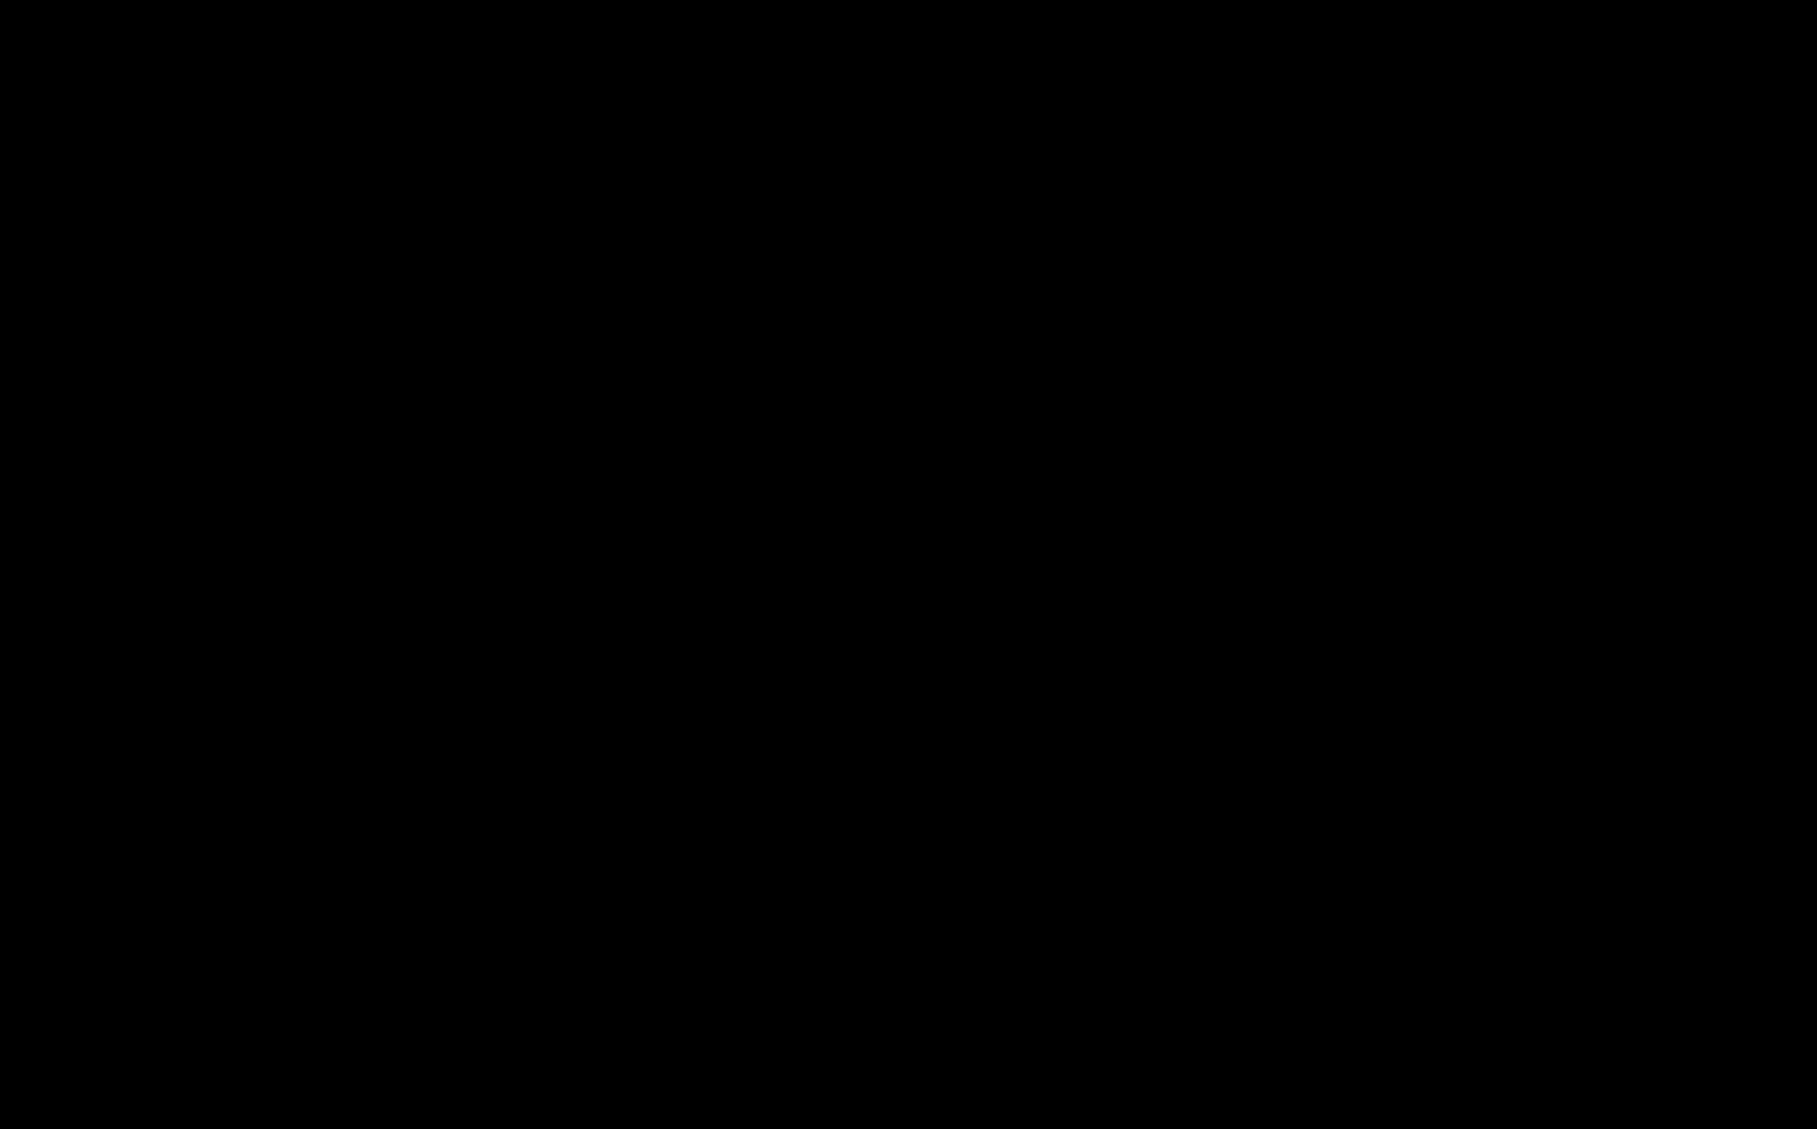 satellite-drawing-4.png